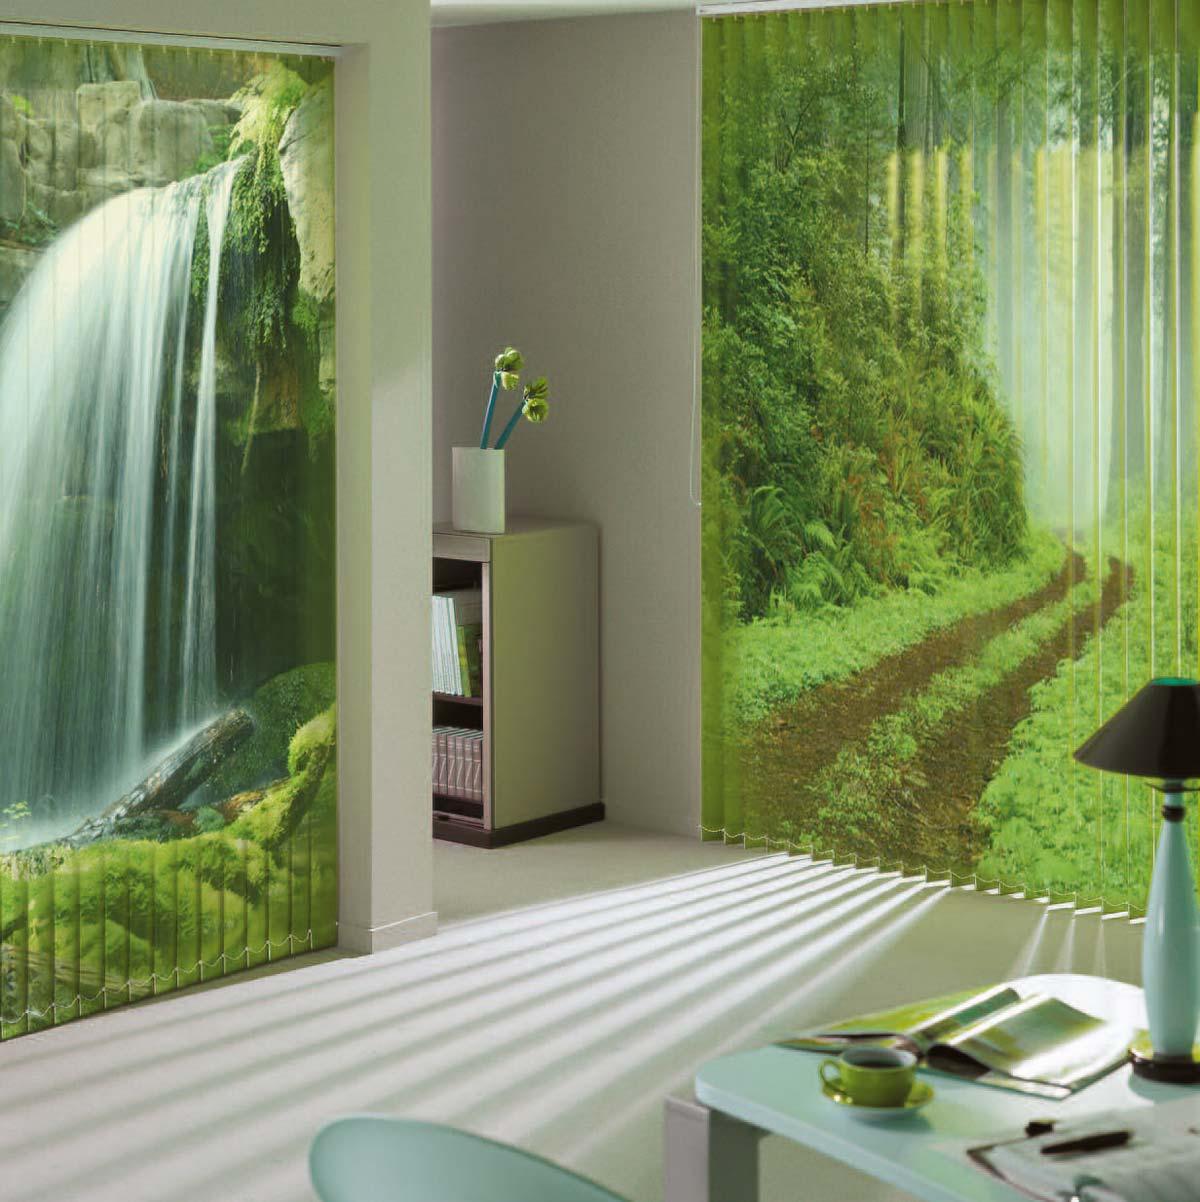 fotolamellen direkt vom hersteller schnell und preiswert. Black Bedroom Furniture Sets. Home Design Ideas